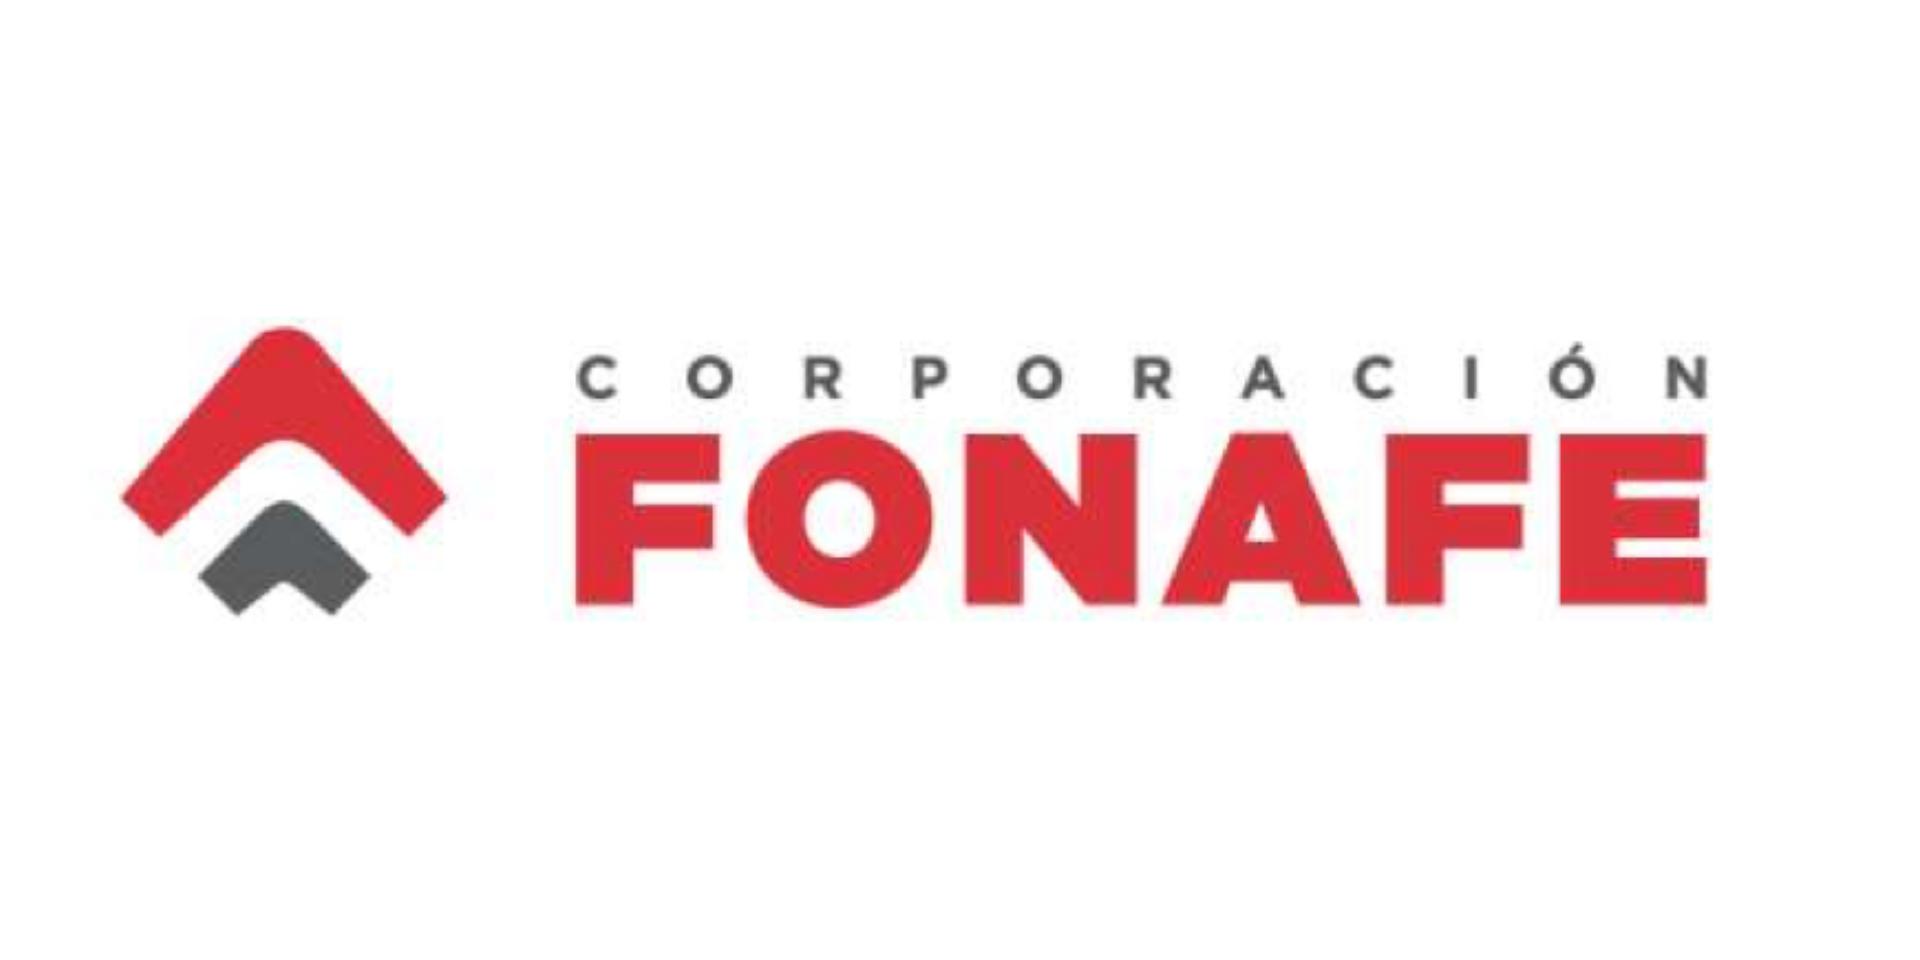 Fonafe Corporación